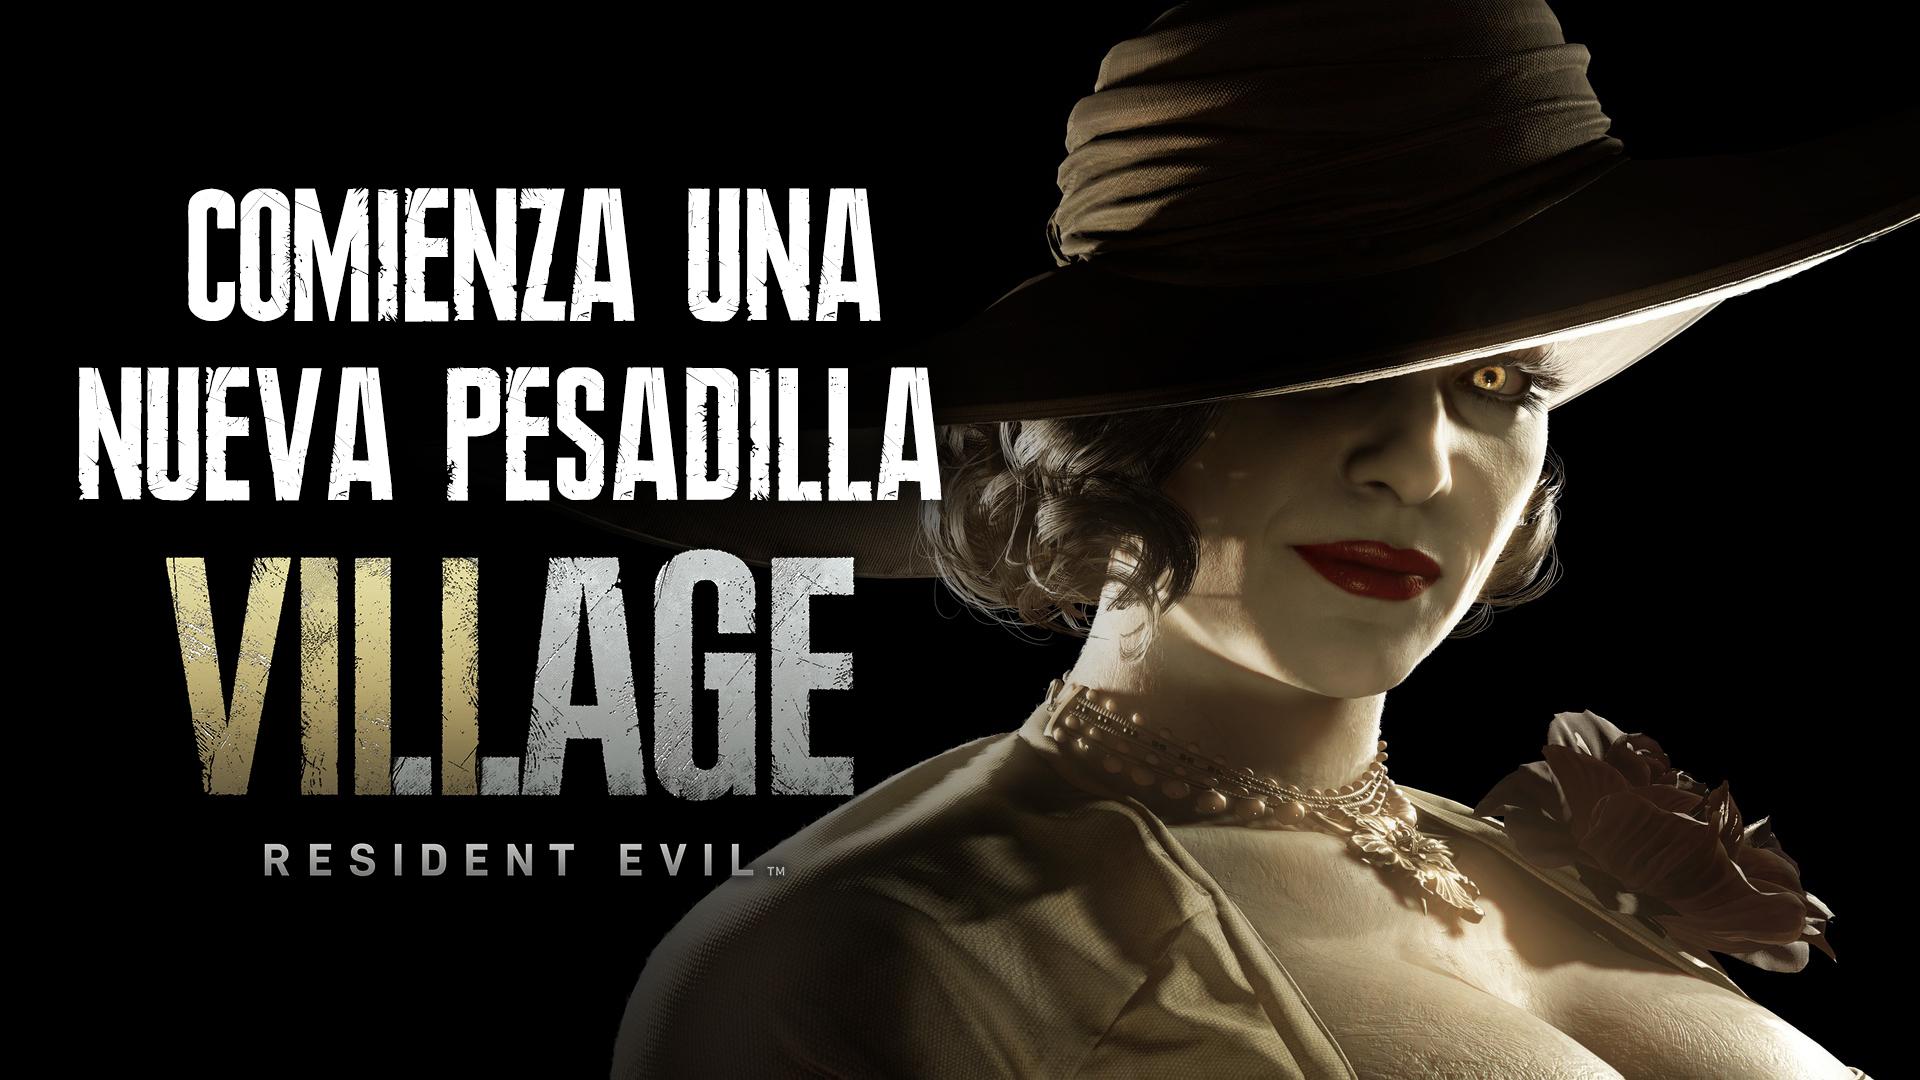 Resident Evil Village – Comienza una nueva pesadilla